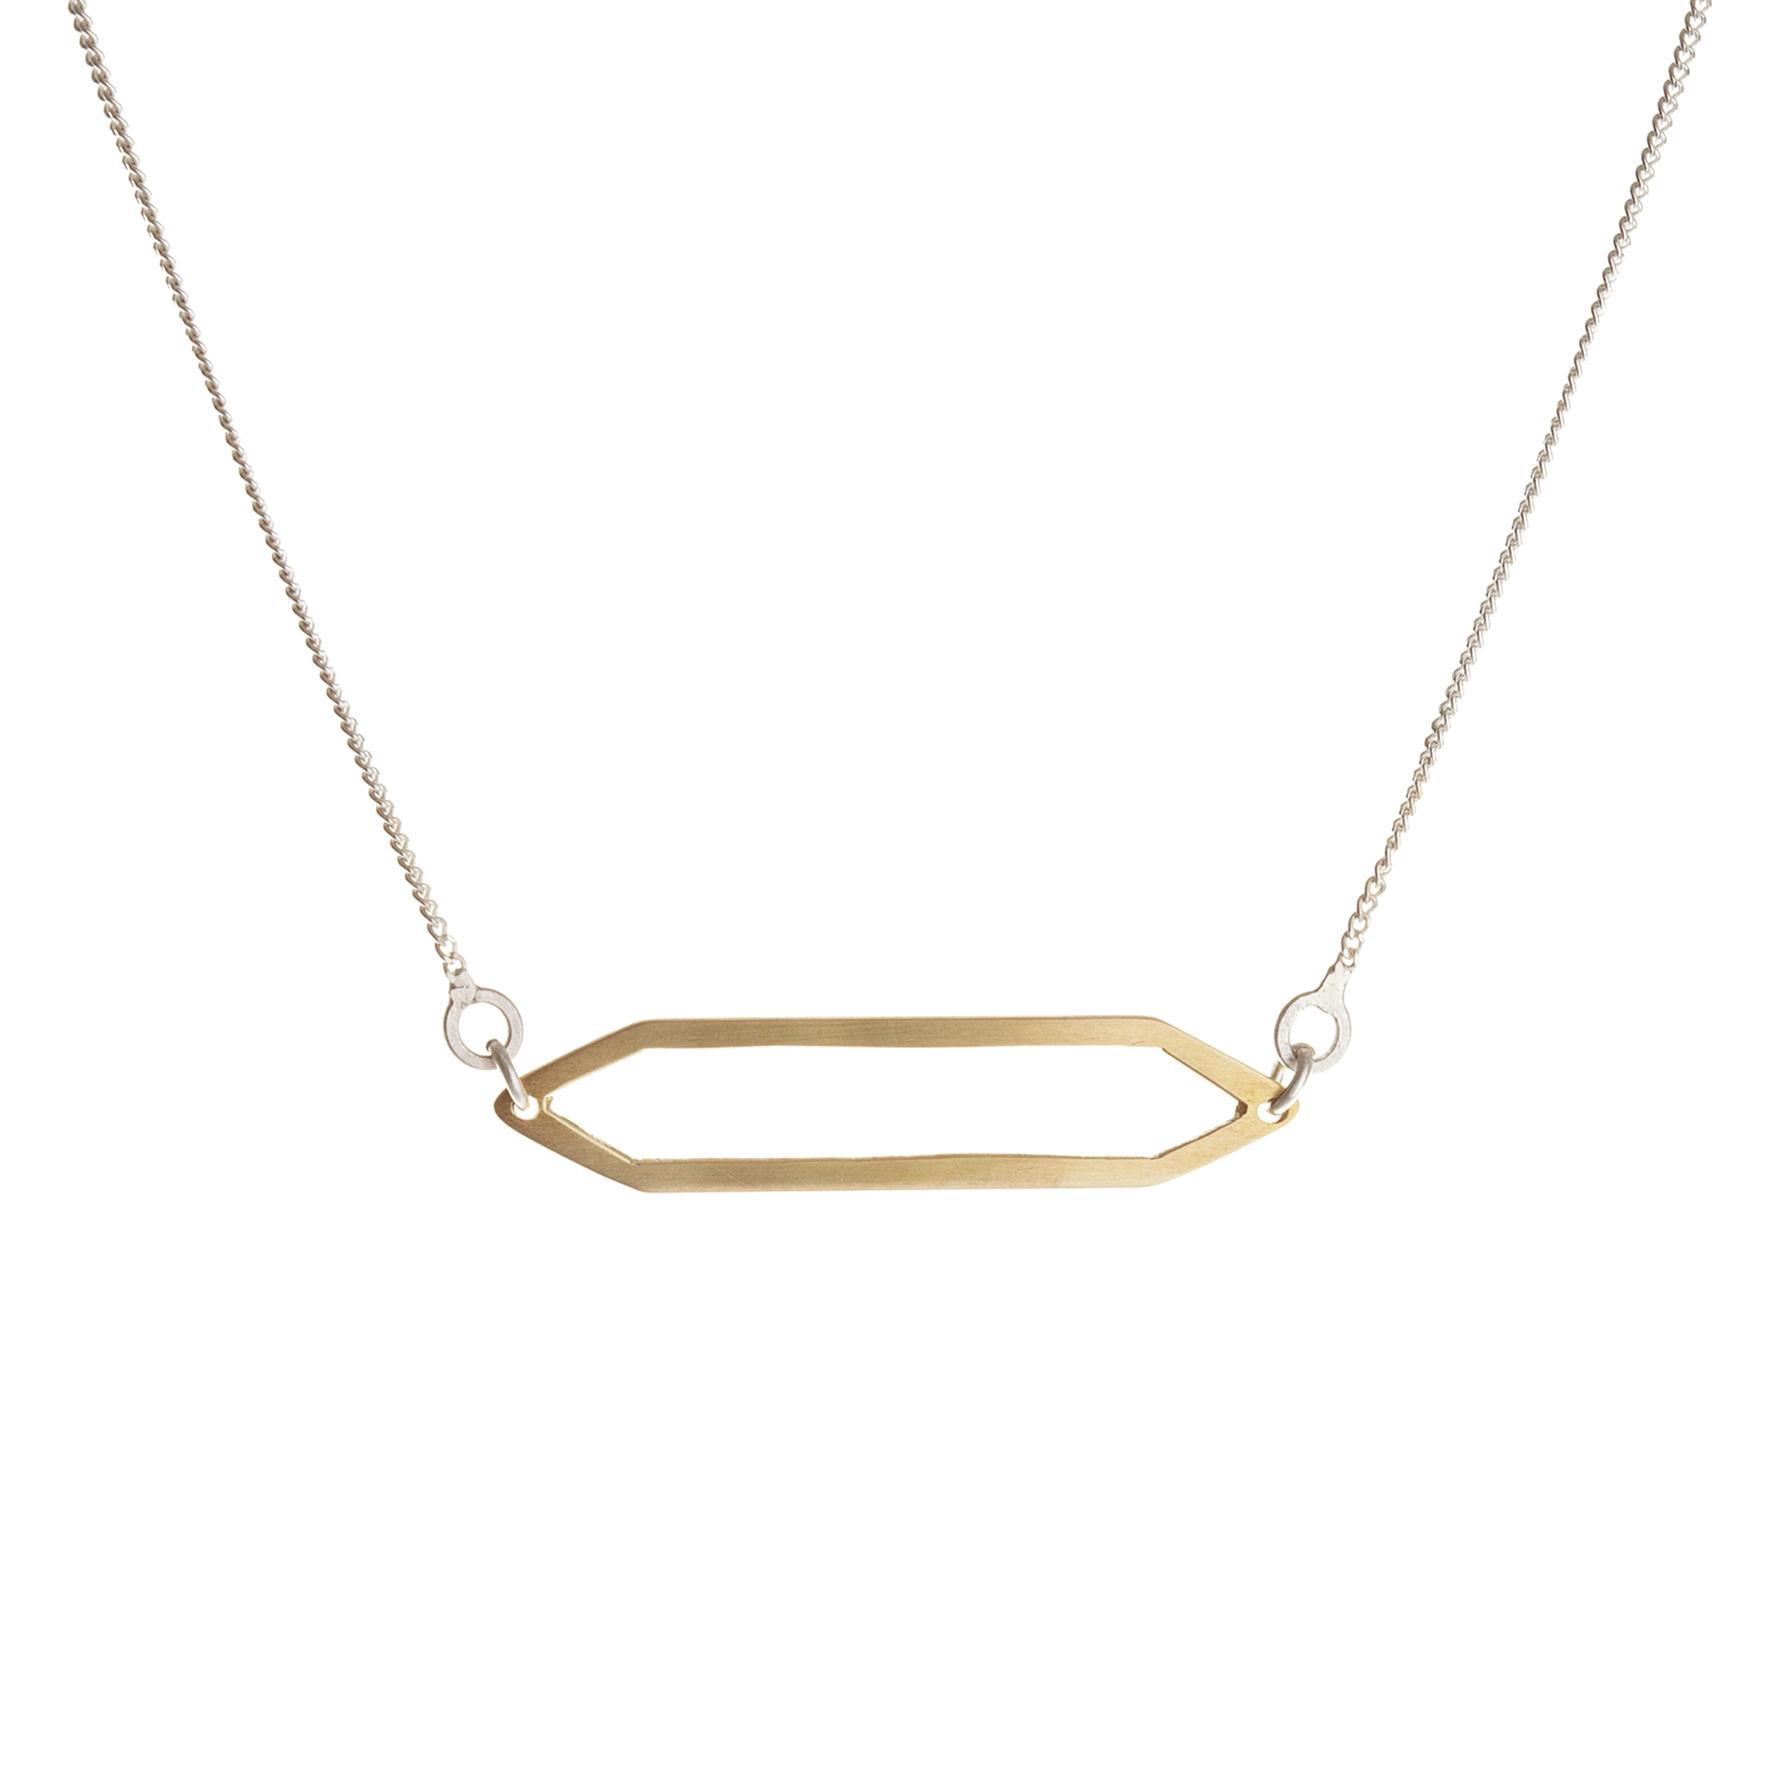 Flattened prism pendant